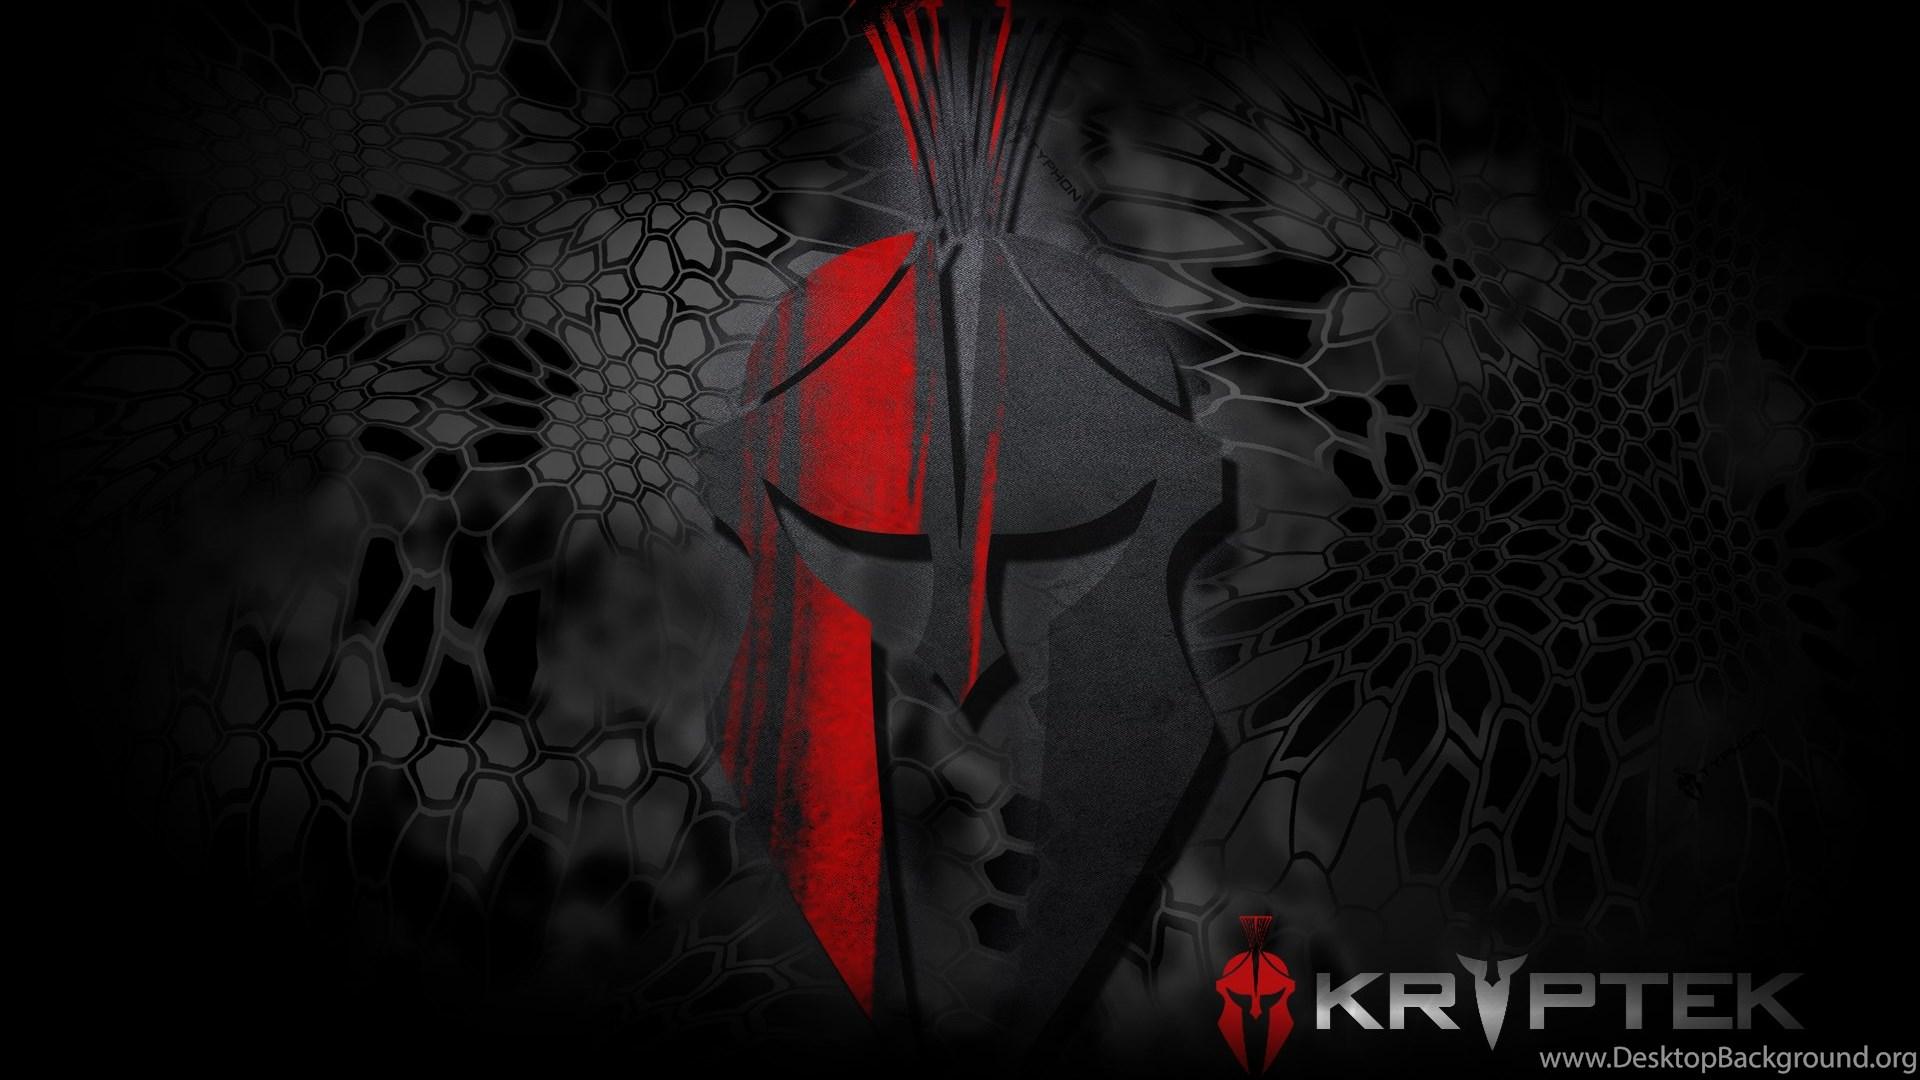 kryptek wallpaper images and graphics desktop background